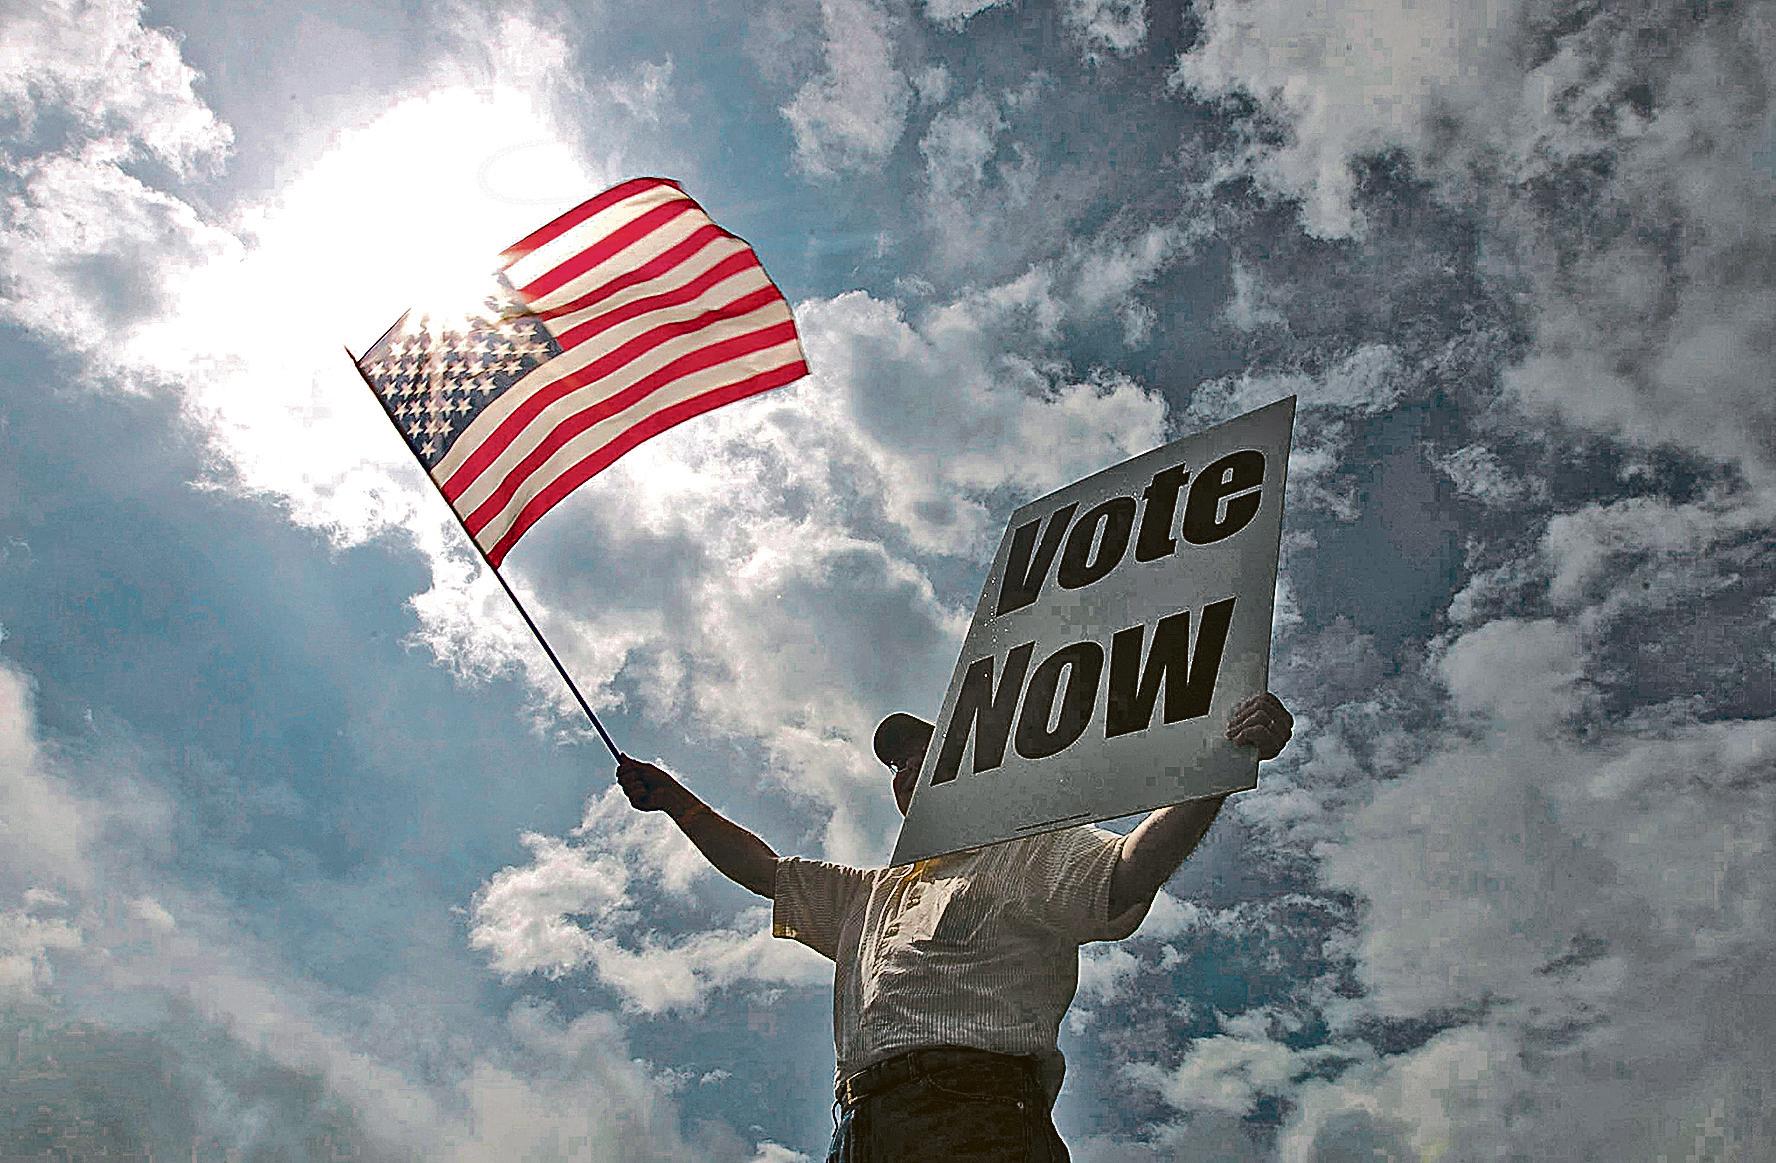 選舉人制度確保選舉的公正性。從1804年以來,需要由聯邦眾議院來選舉總統的情況迄今只出現過一次,即1824年大選的贏家亞當斯。(Getty Images)